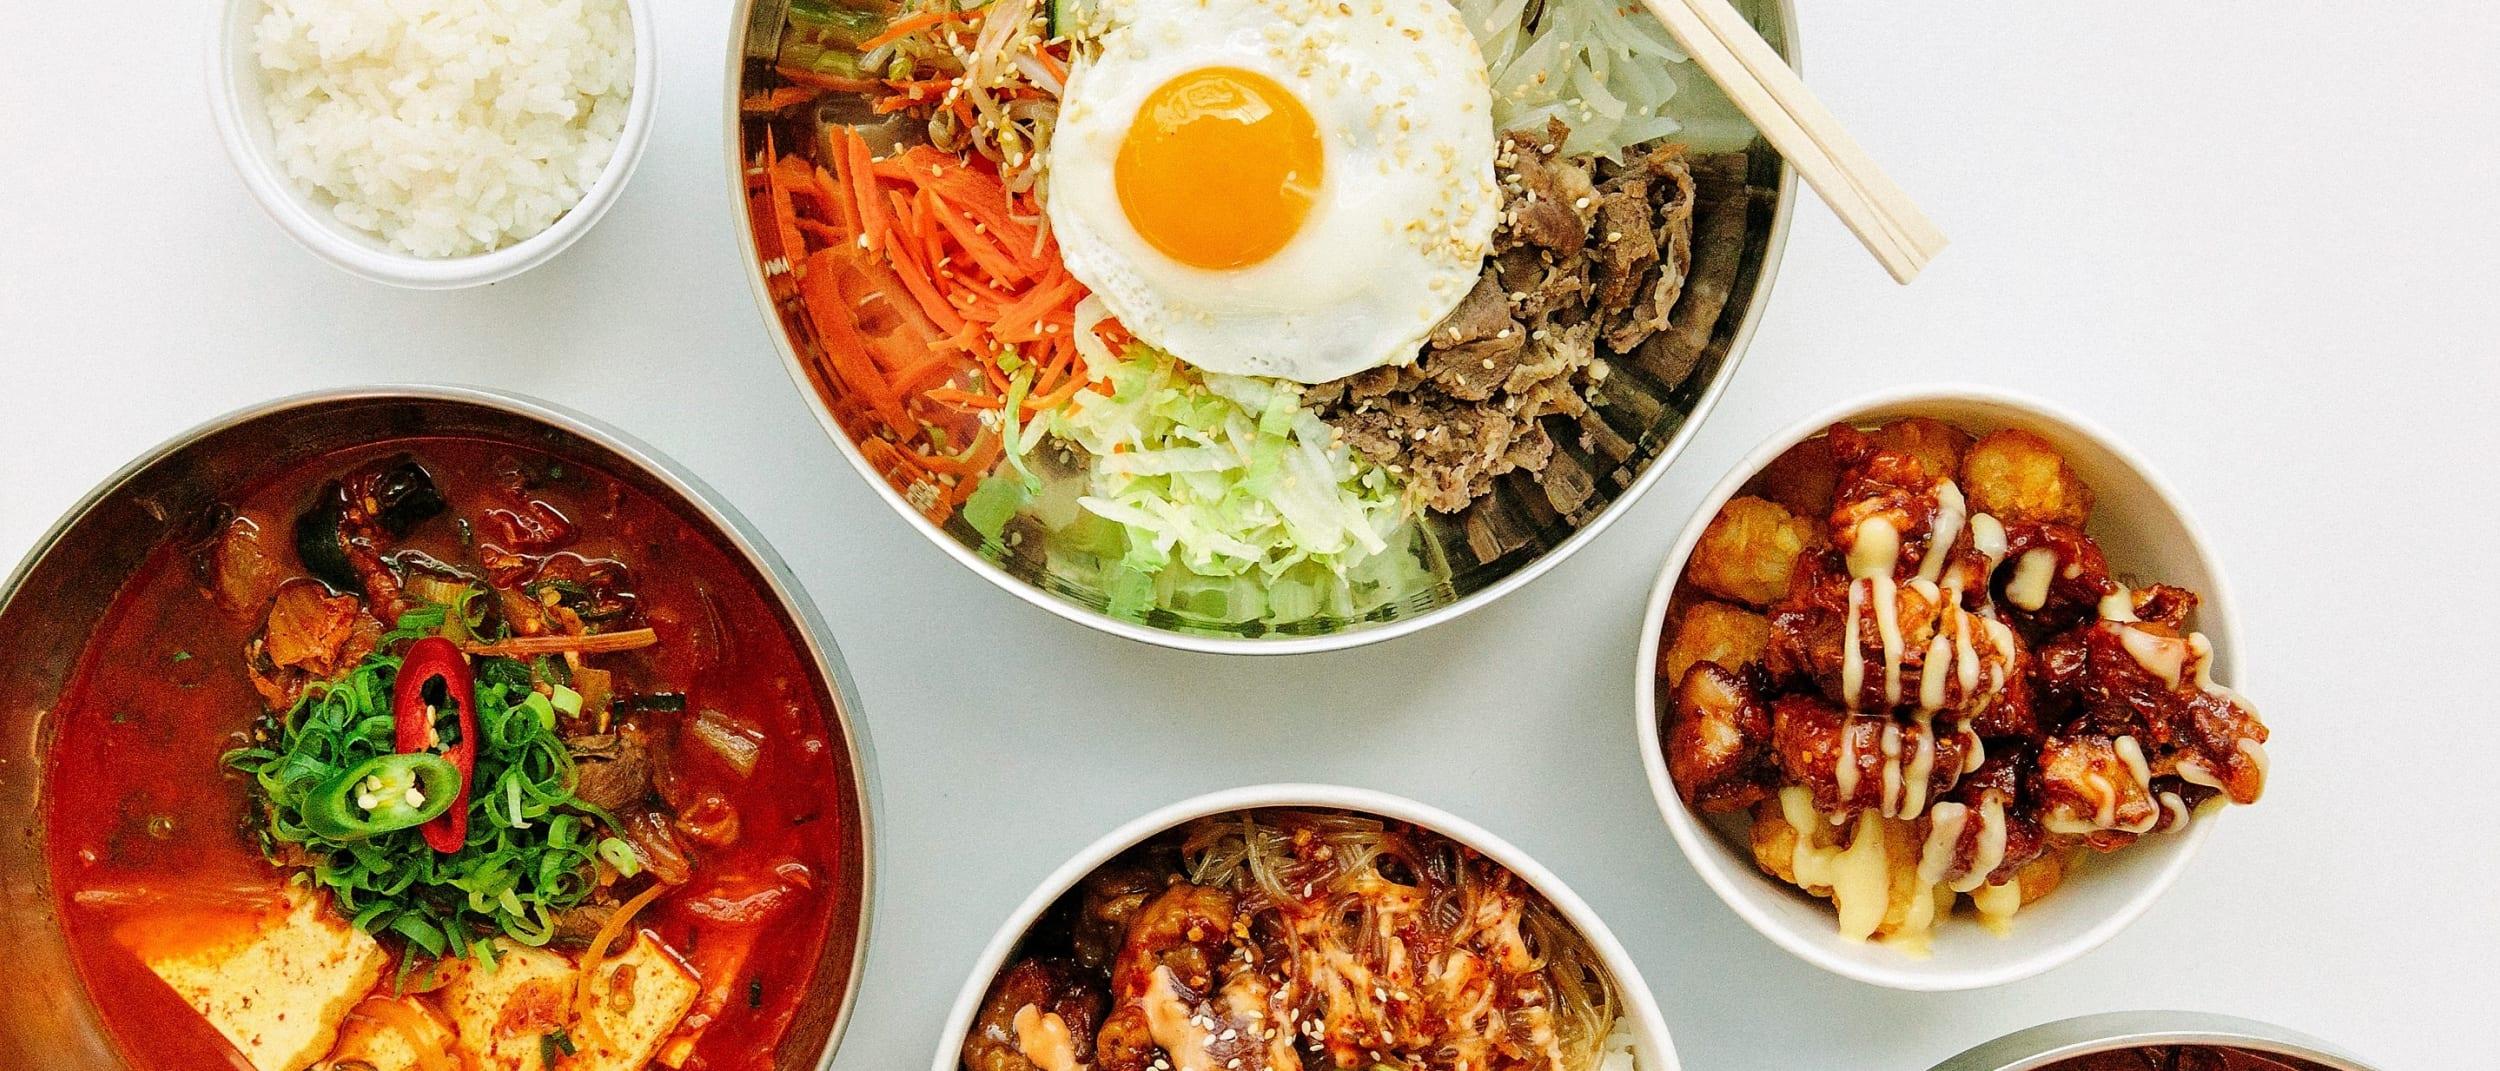 Arirang Korean Cuisine: July deal